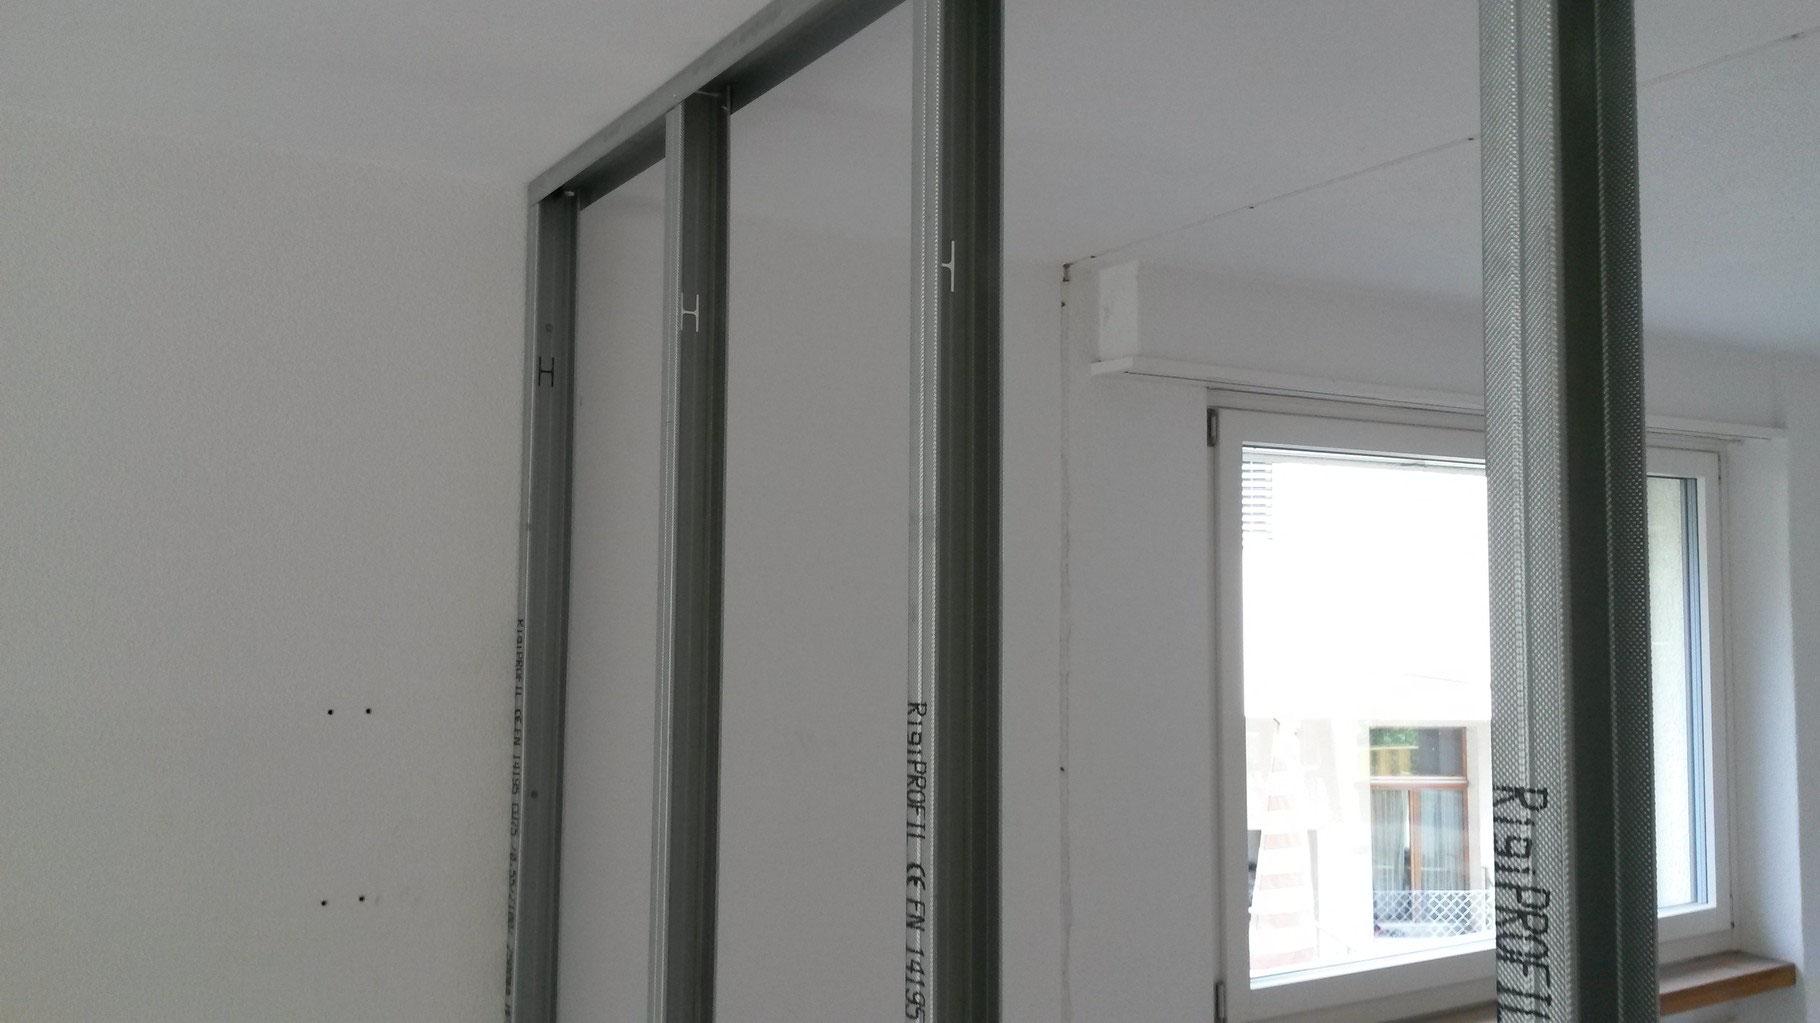 leichtbautrennwand unterkonstruktion mit metallprofilen. Black Bedroom Furniture Sets. Home Design Ideas